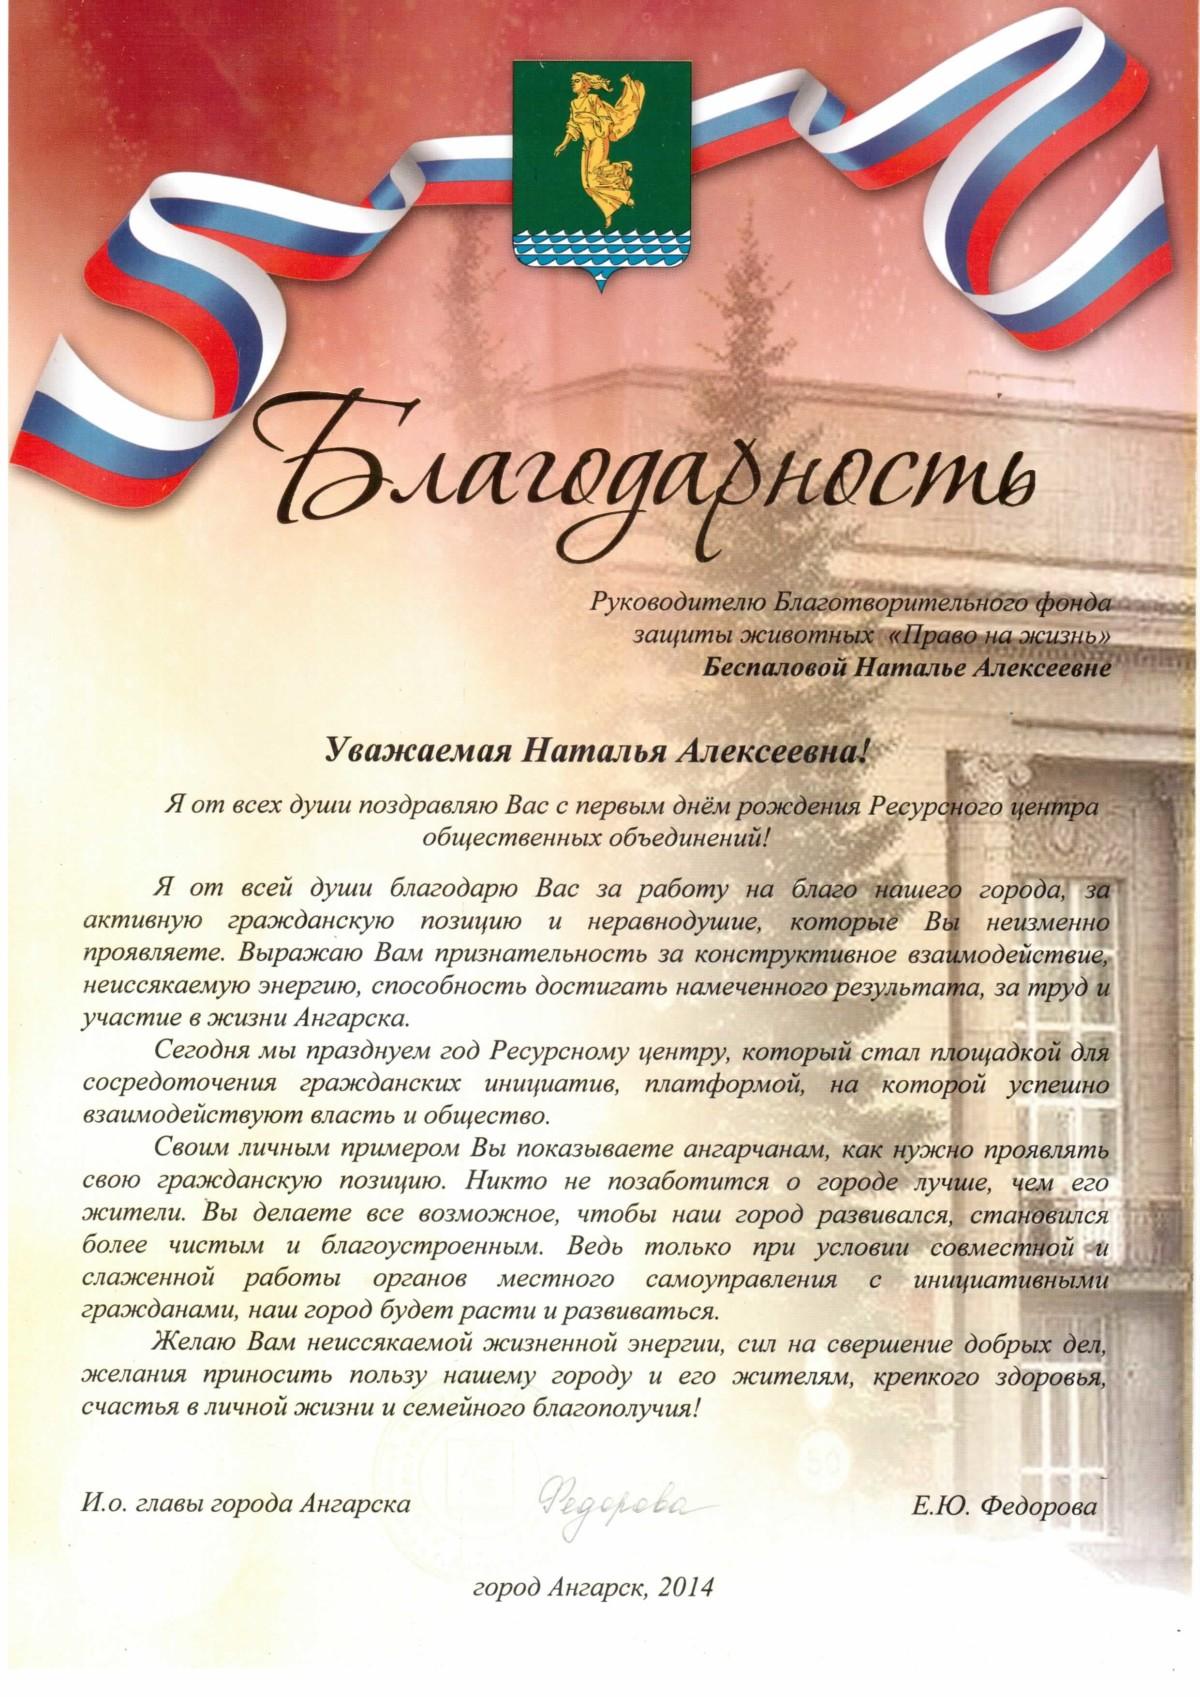 Благодарность от главы города Ангарска Е.Ю. Федорова